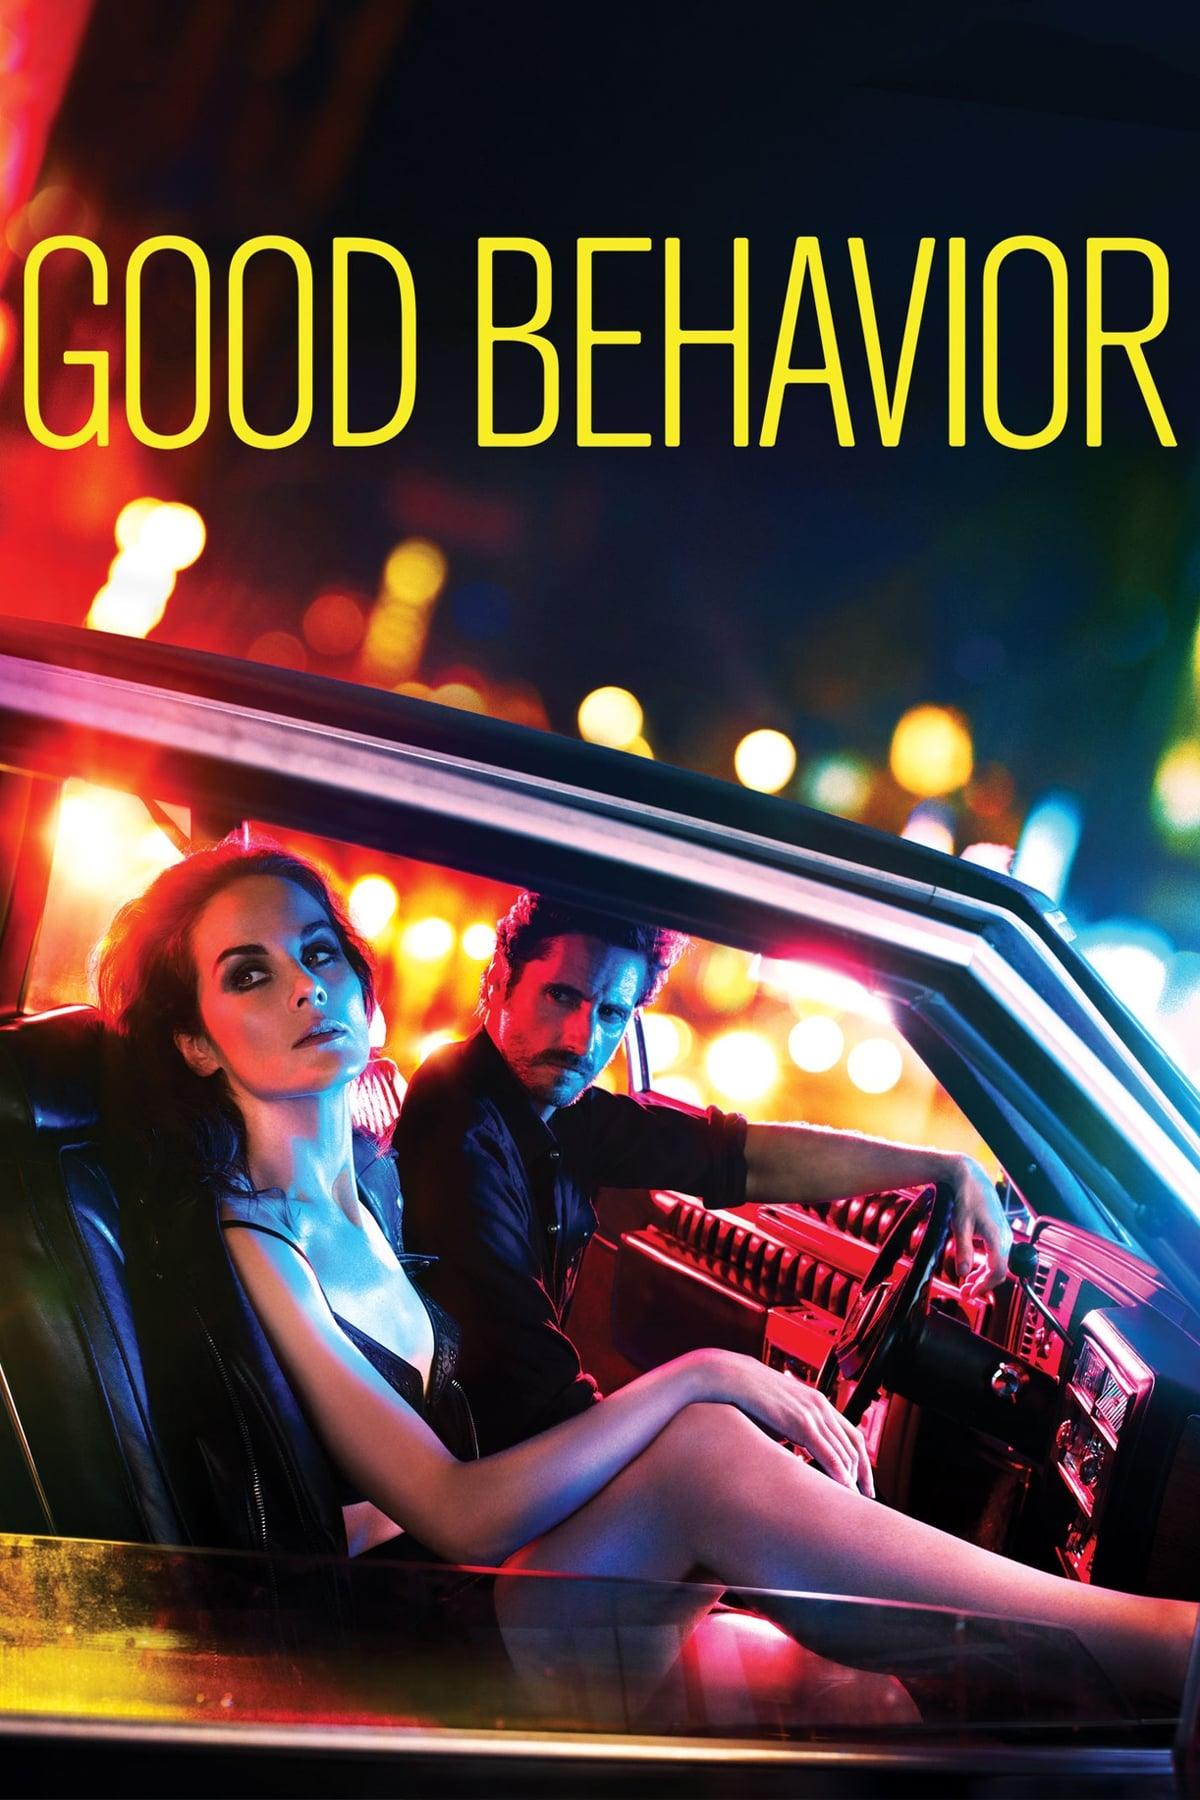 image for Good Behavior